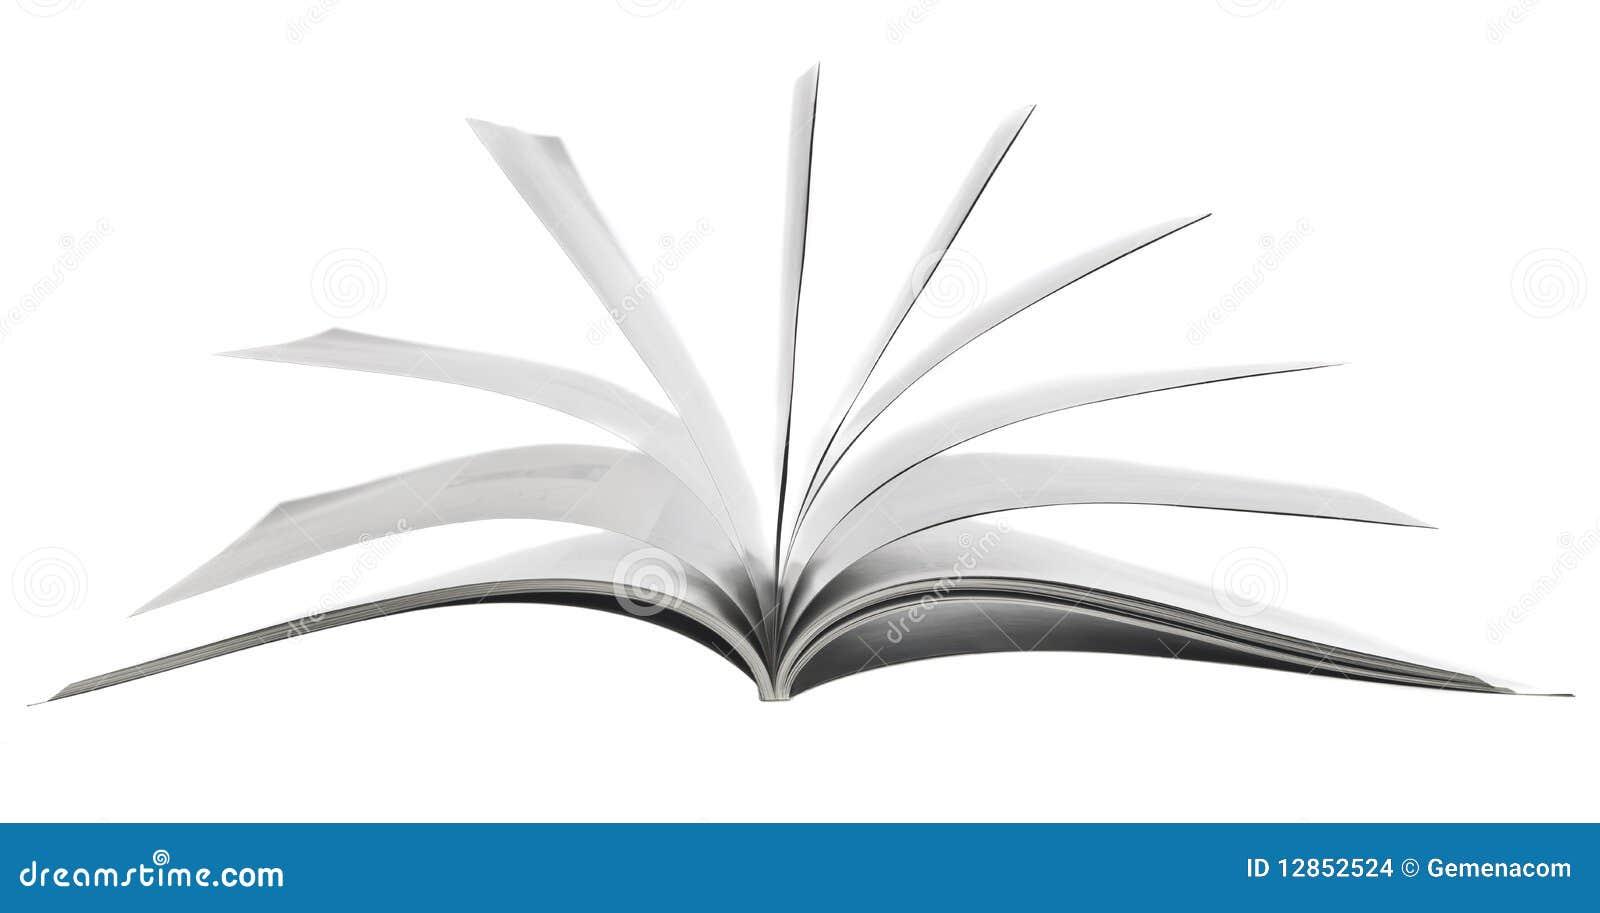 книги картинки движущиеся